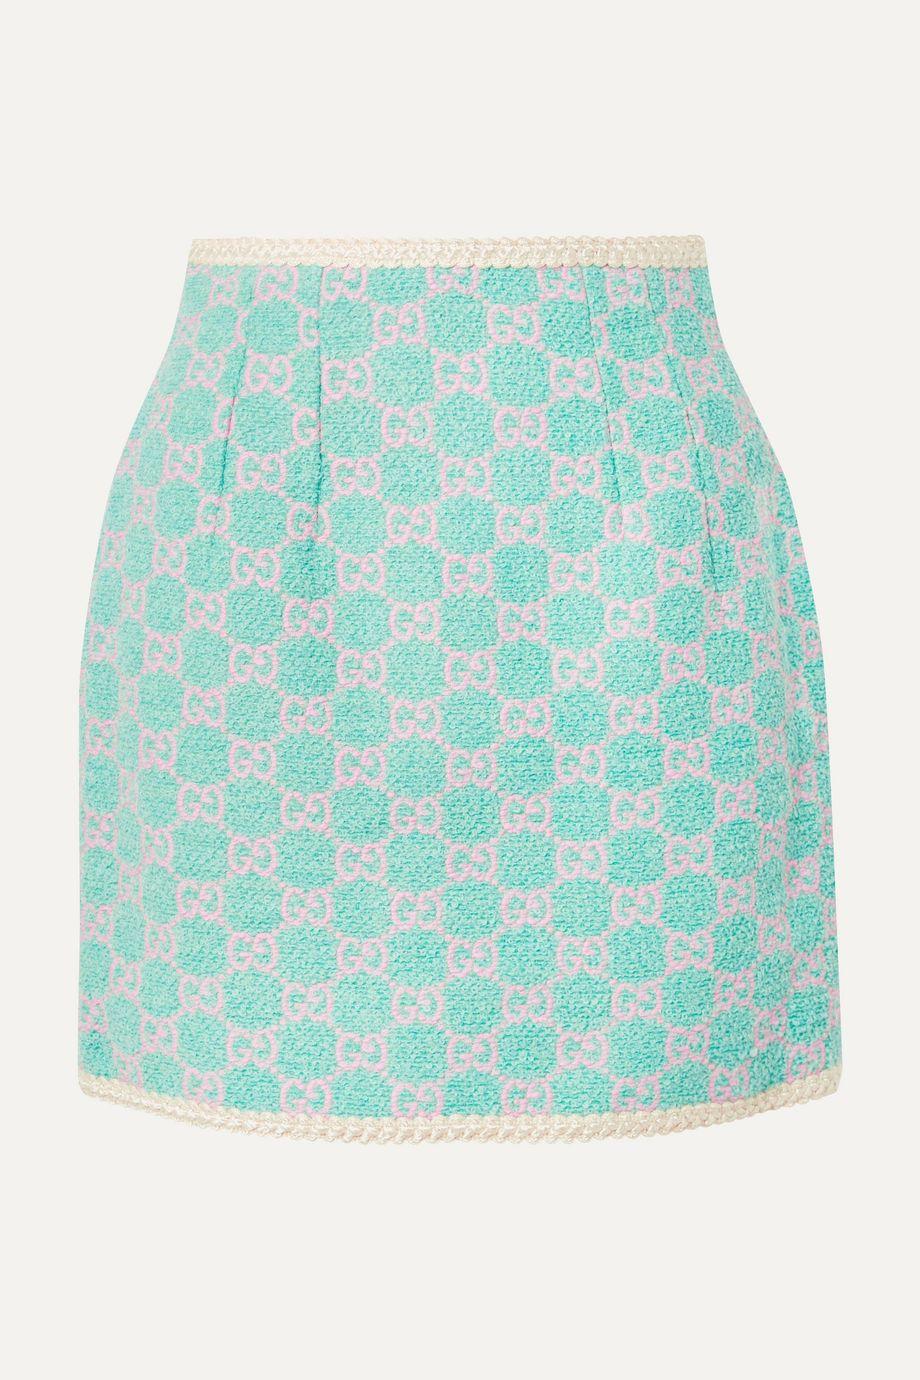 Gucci Cotton-blend jacquard mini skirt